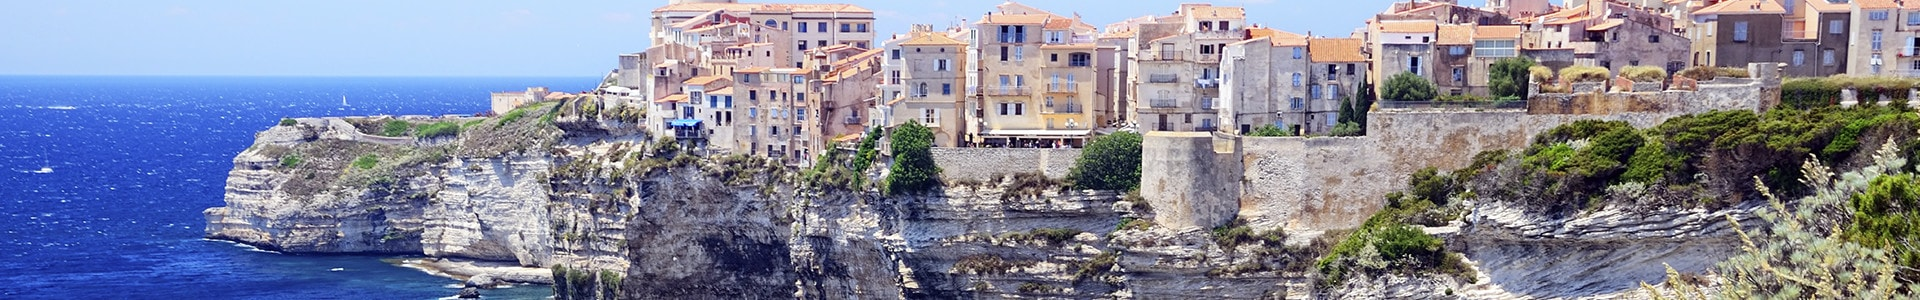 Voyage en Corse - TUI